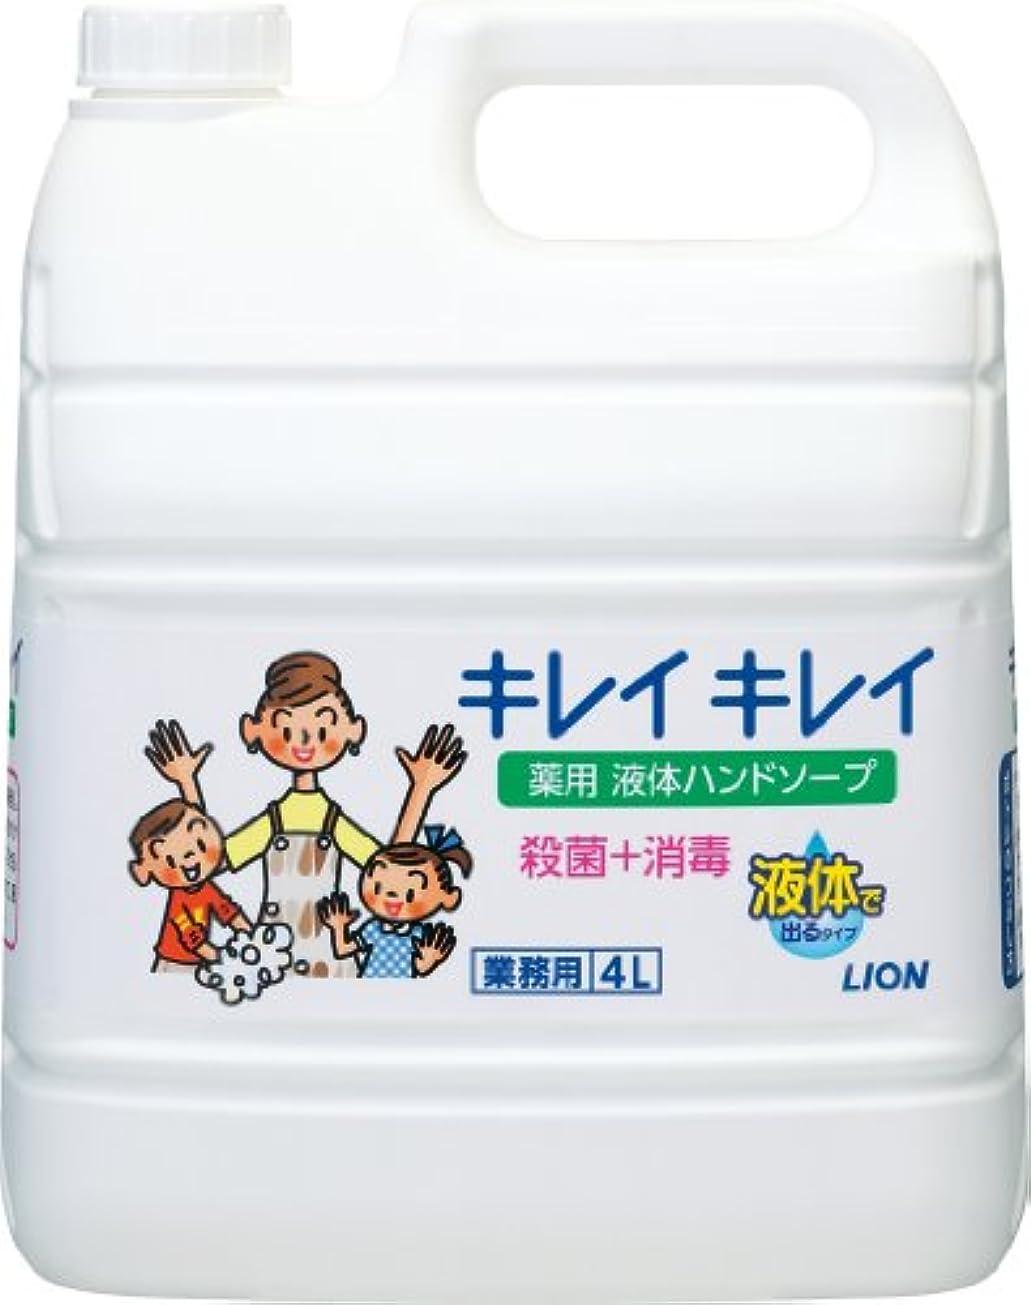 味付け注意背の高い【業務用 大容量】キレイキレイ 薬用 ハンドソープ  4L(医薬部外品)